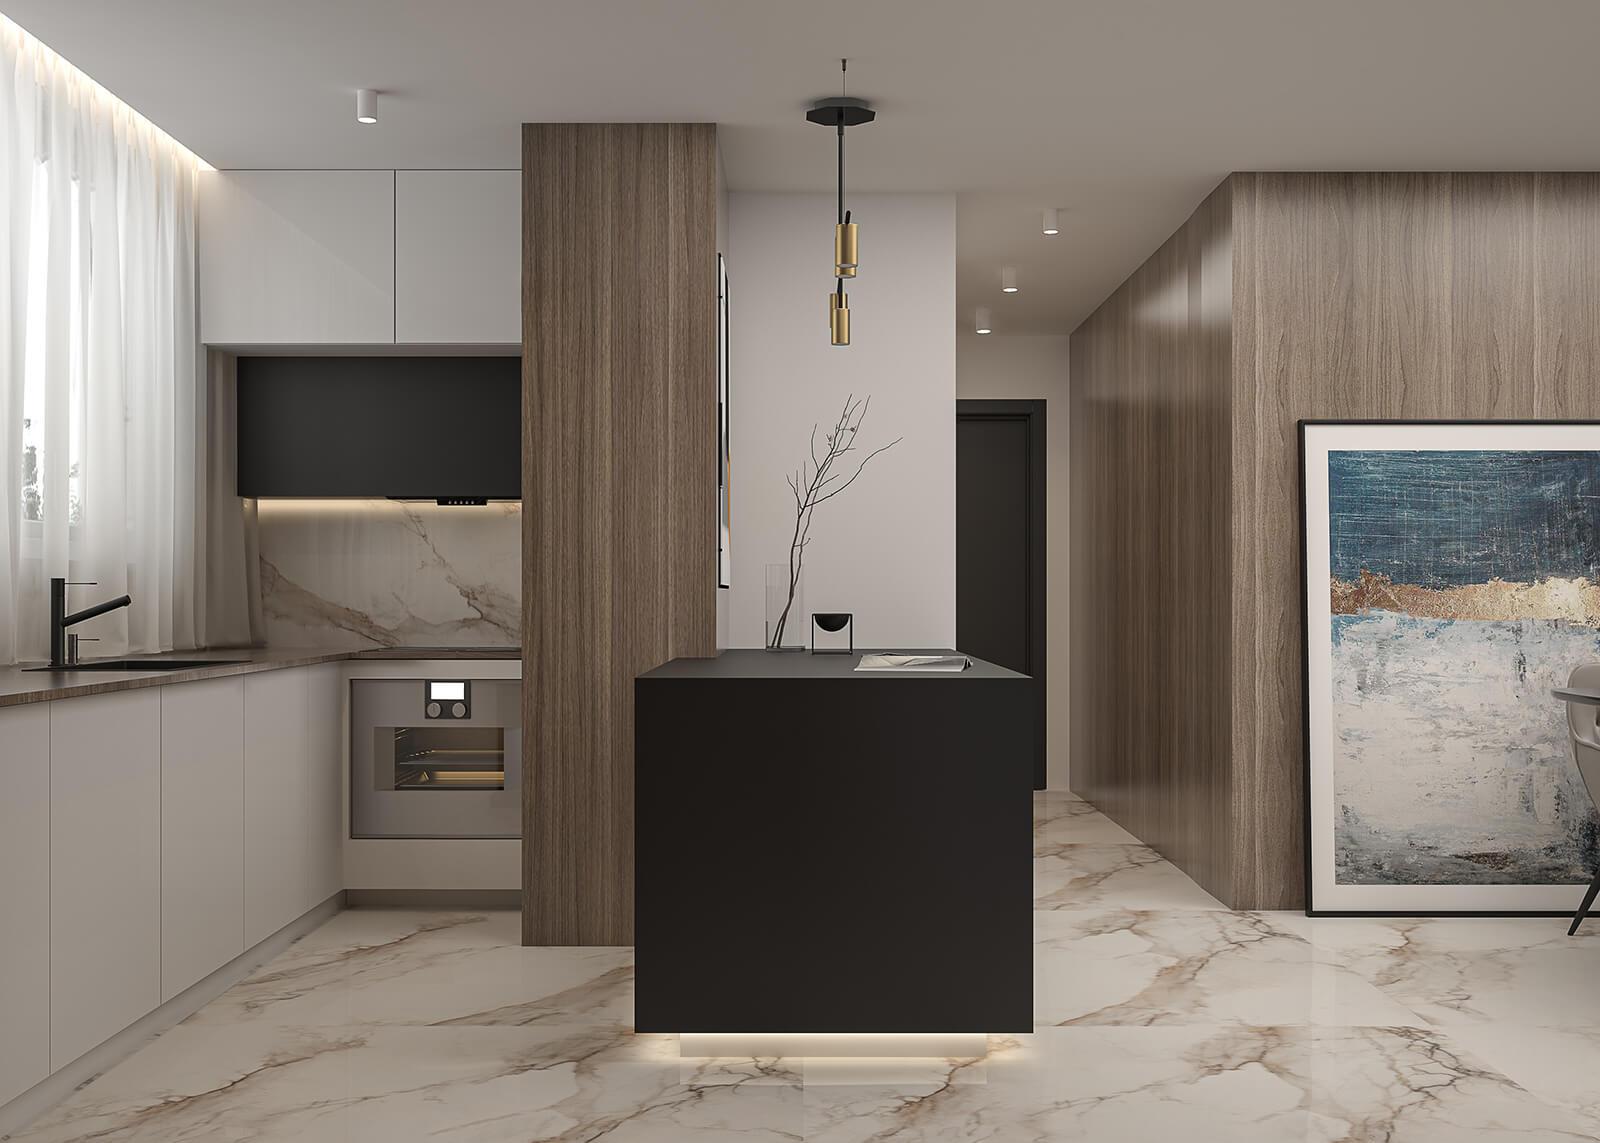 interioren-dizain-proekt-na-kuhnia-v-moderen-stil-nox